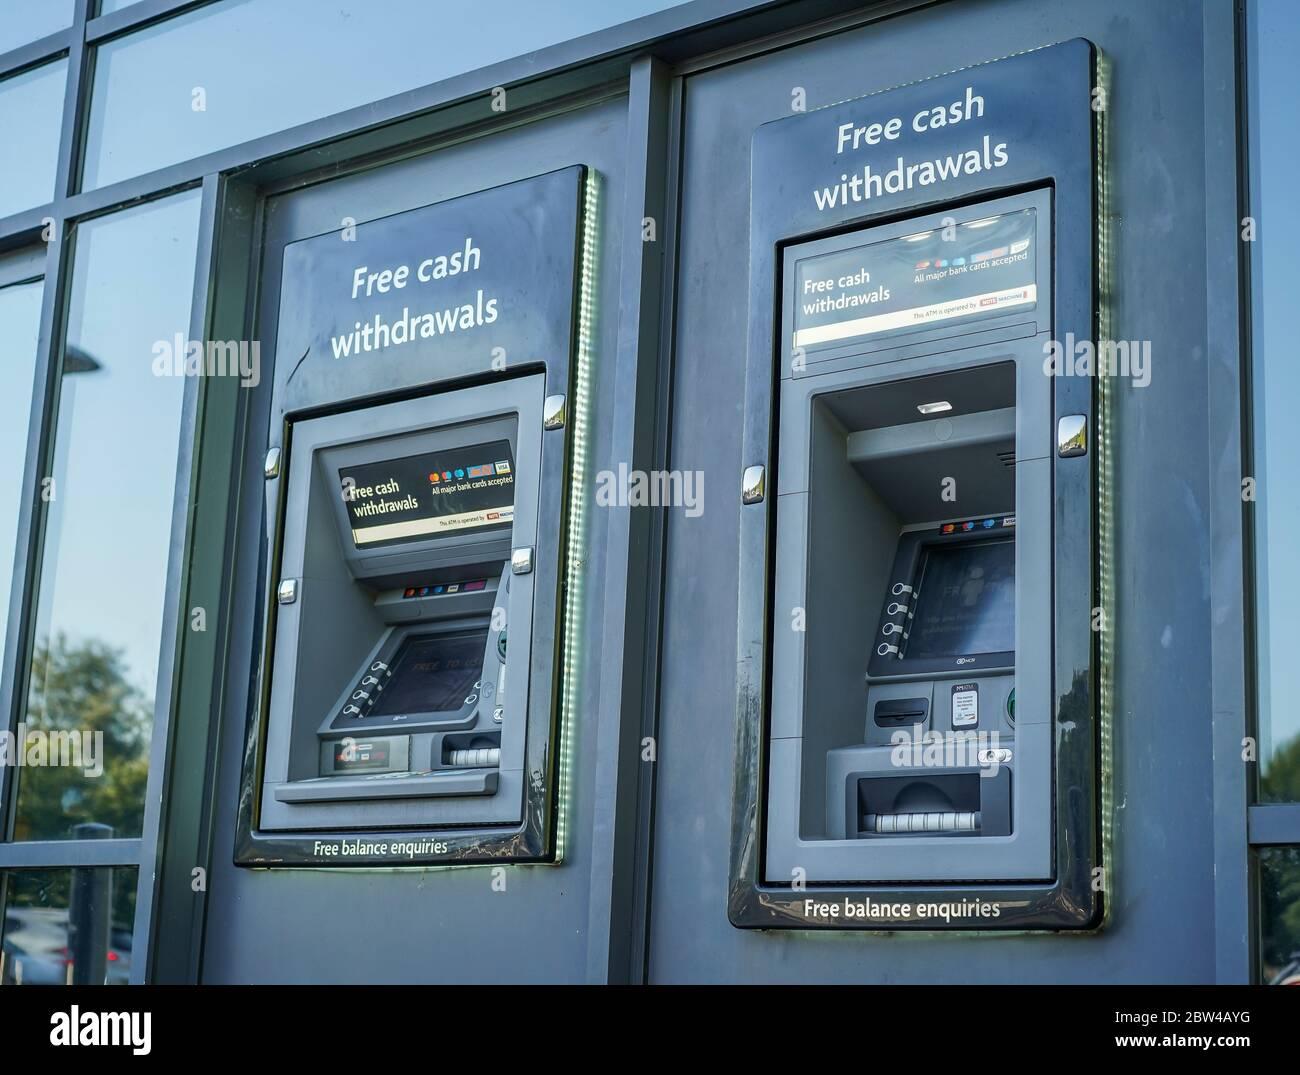 Distributeurs automatiques de billets isolés à l'extérieur du supermarché du Royaume-Uni. Distributeur de points de caisse extérieur britannique. « trou dans le mur » retraits d'espèces. Distributeurs automatiques de billets publics. Banque D'Images